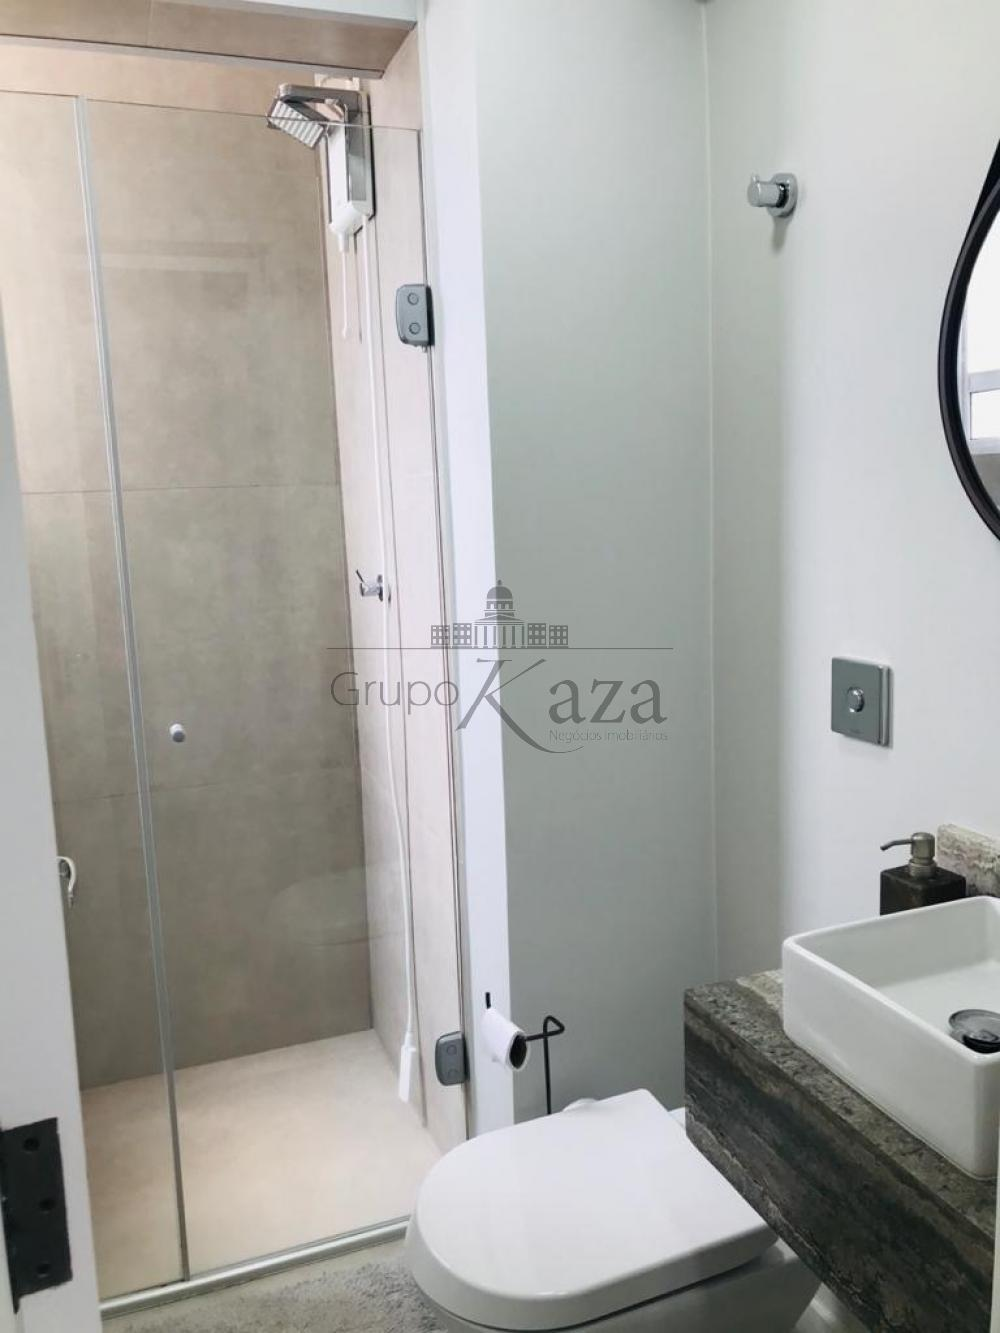 Alugar Apartamento / Padrão em São José dos Campos R$ 1.200,00 - Foto 12